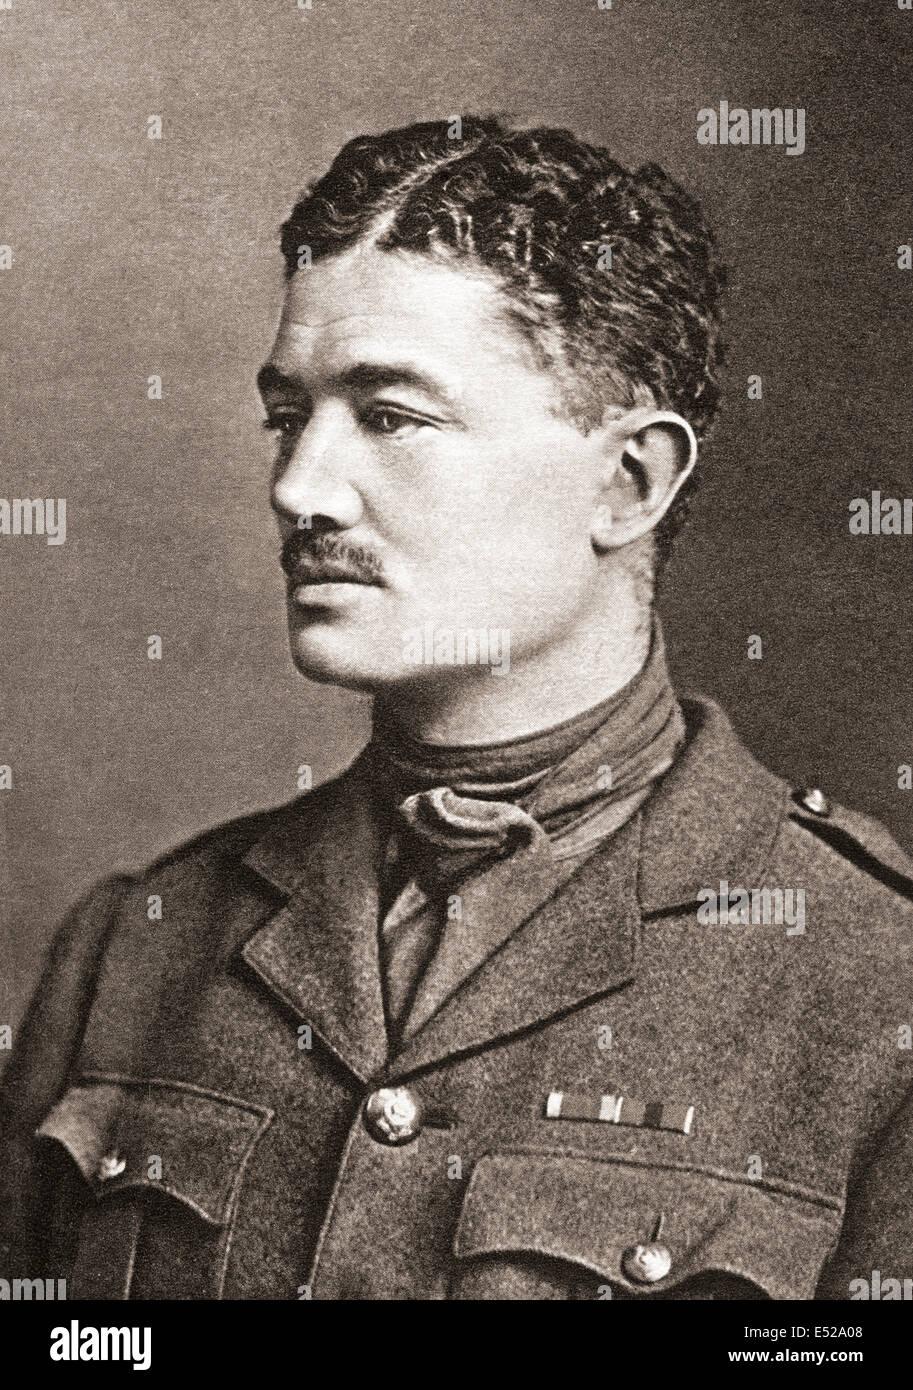 L'honorable Julian Henry Francis Grenfell, DSO 1888 -1915. Soldat britannique et poète de la Première Photo Stock